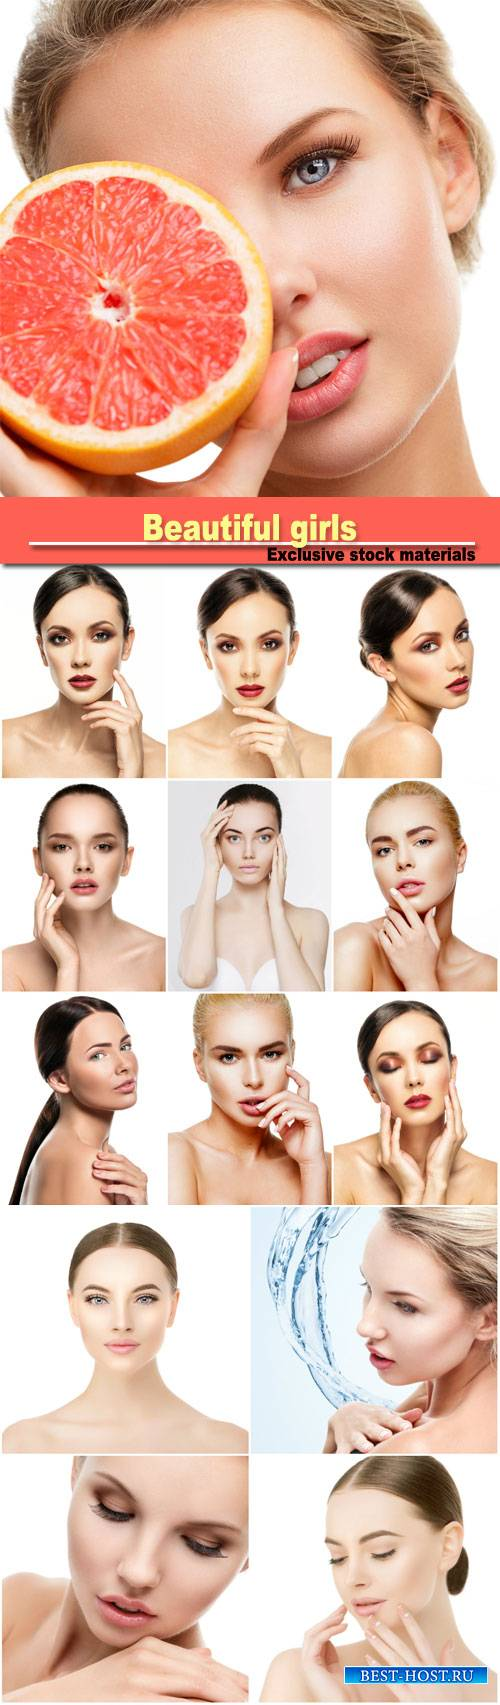 Beautiful girls, beauty care, make-up